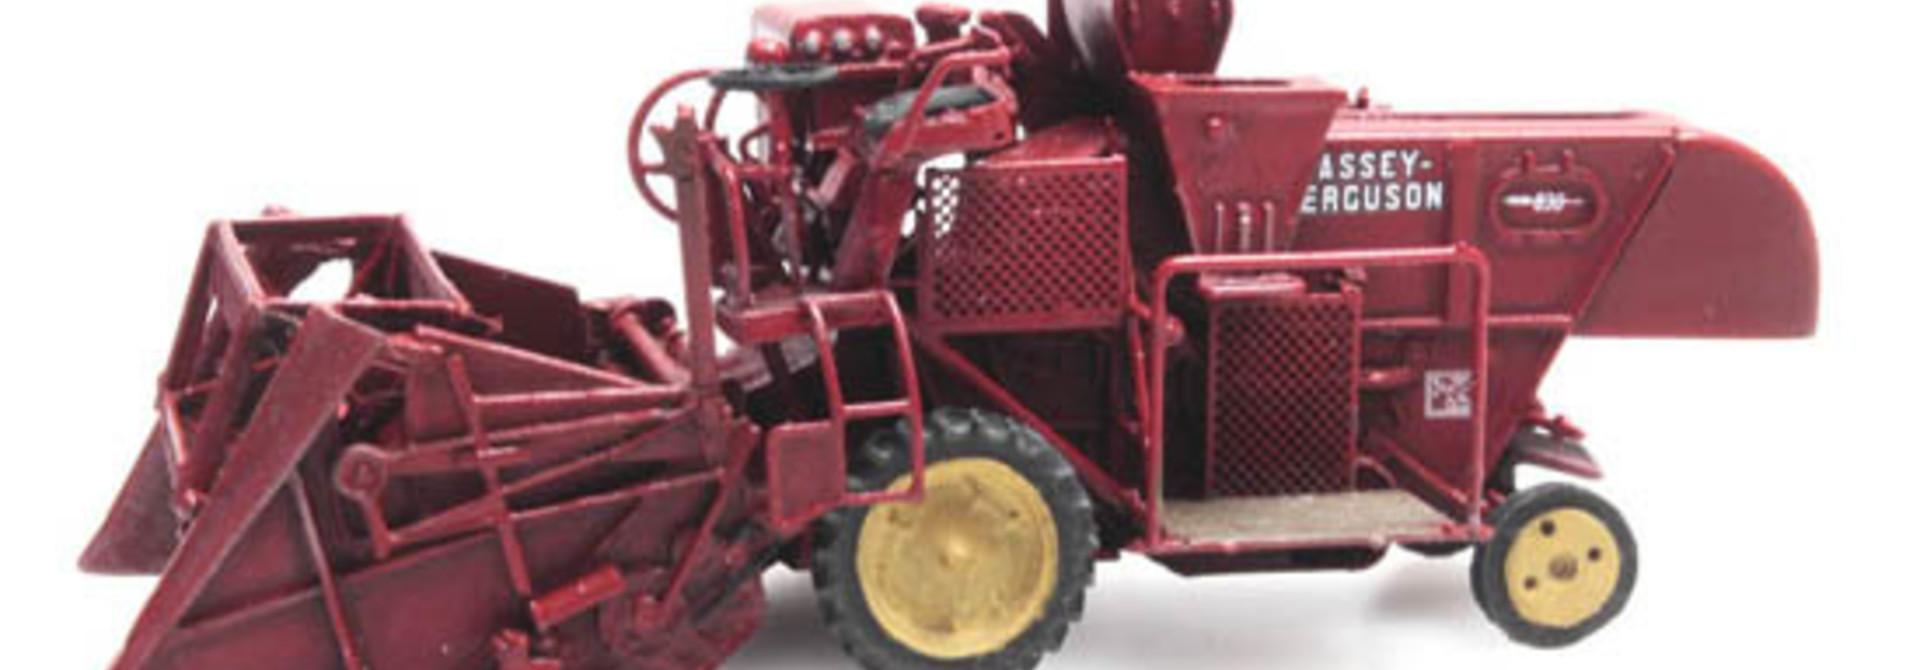 387.337 - Combine MF 830